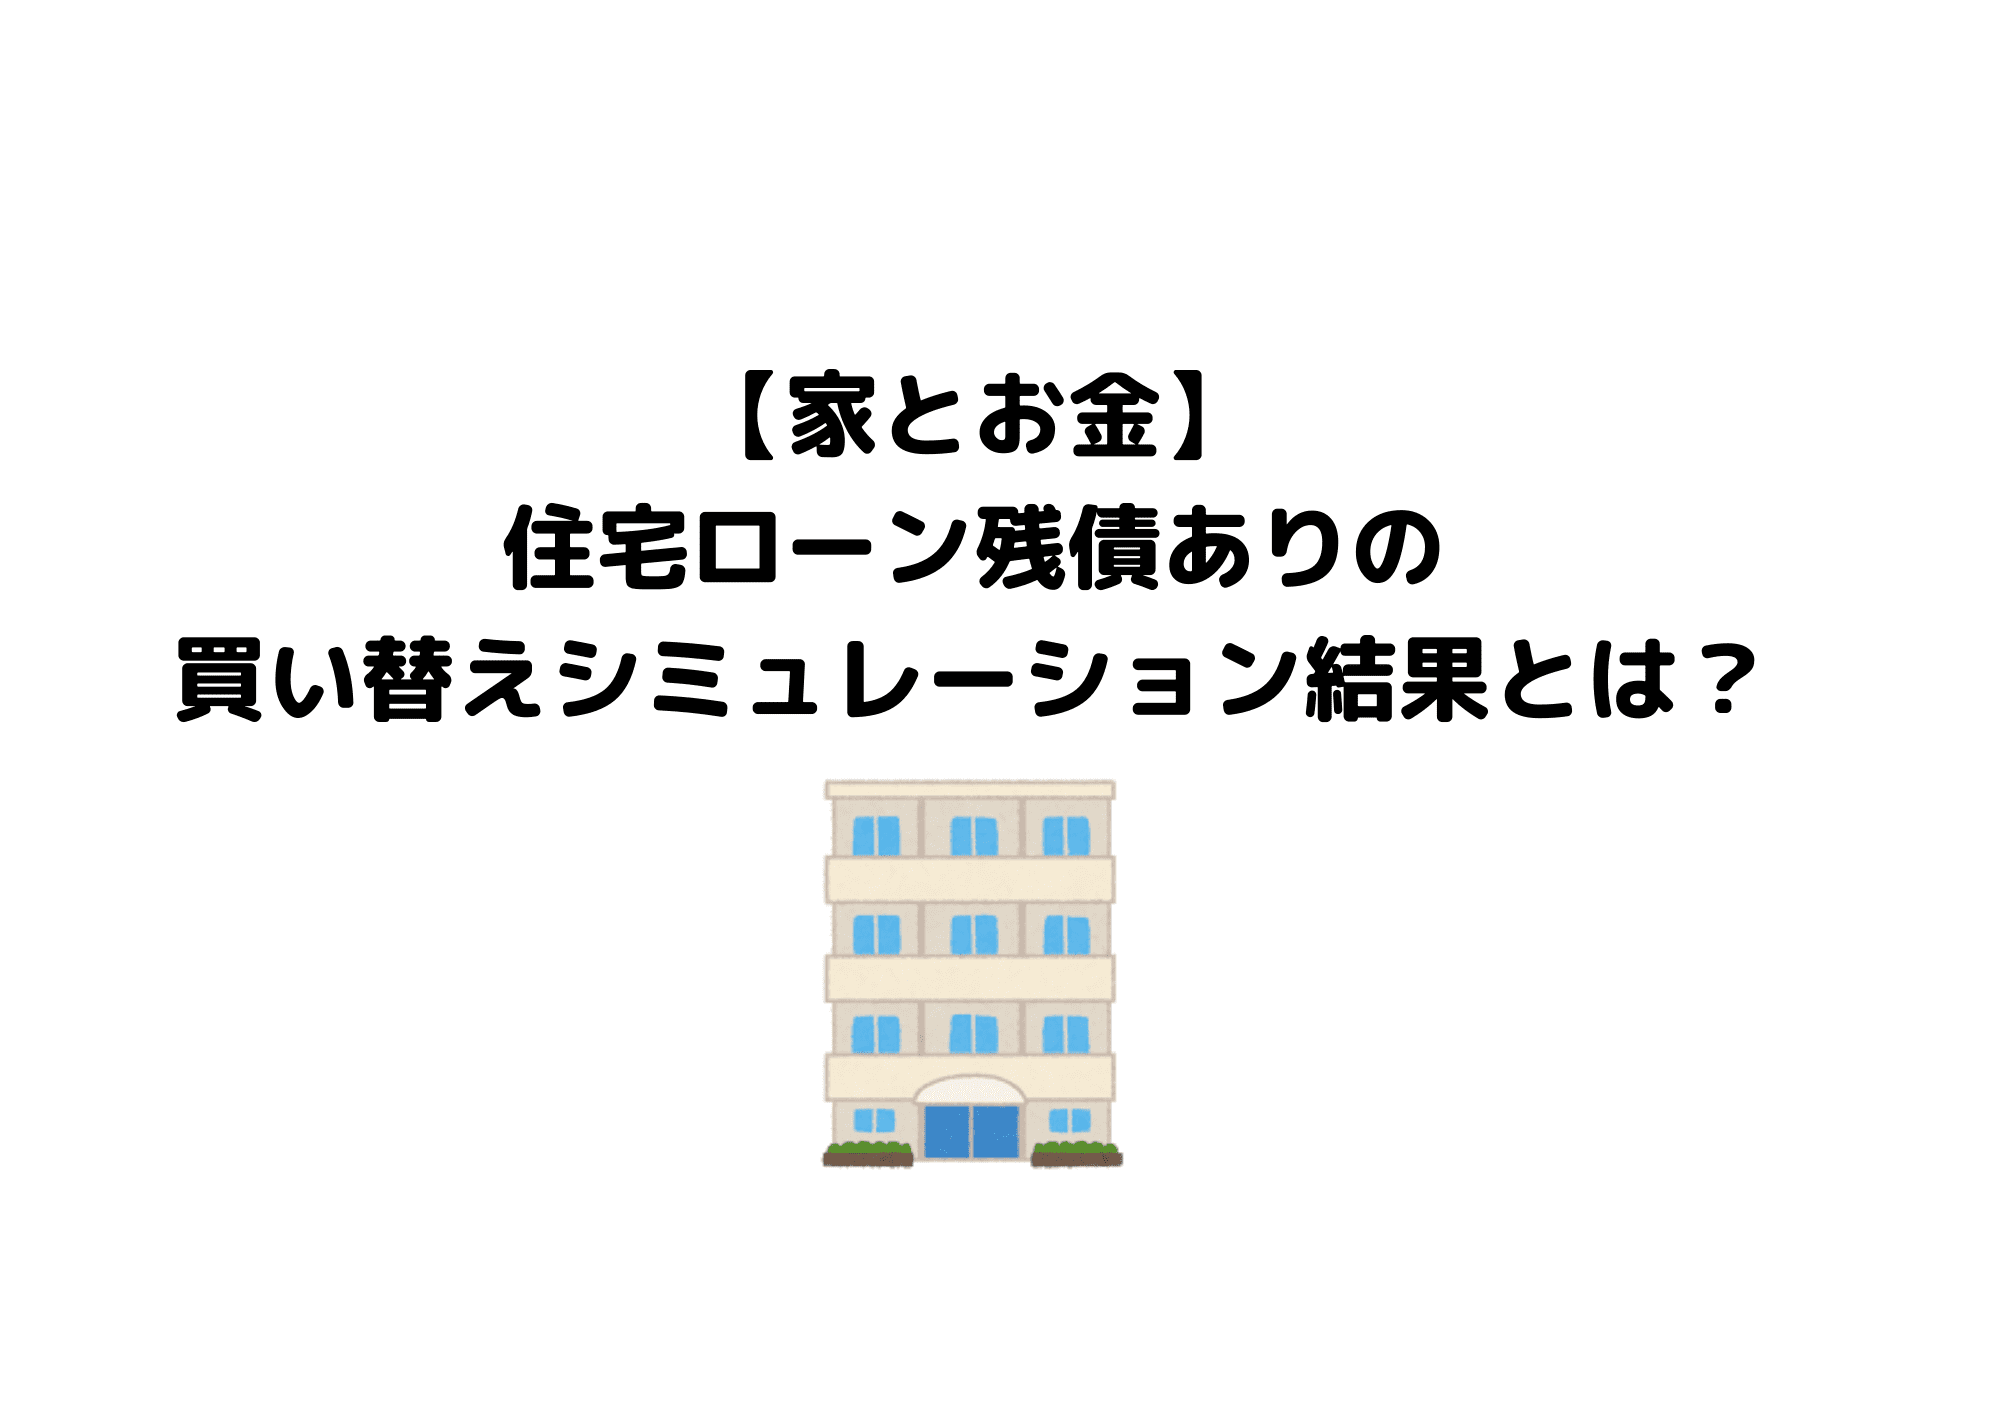 住宅ローン マイホーム  (2) (1)